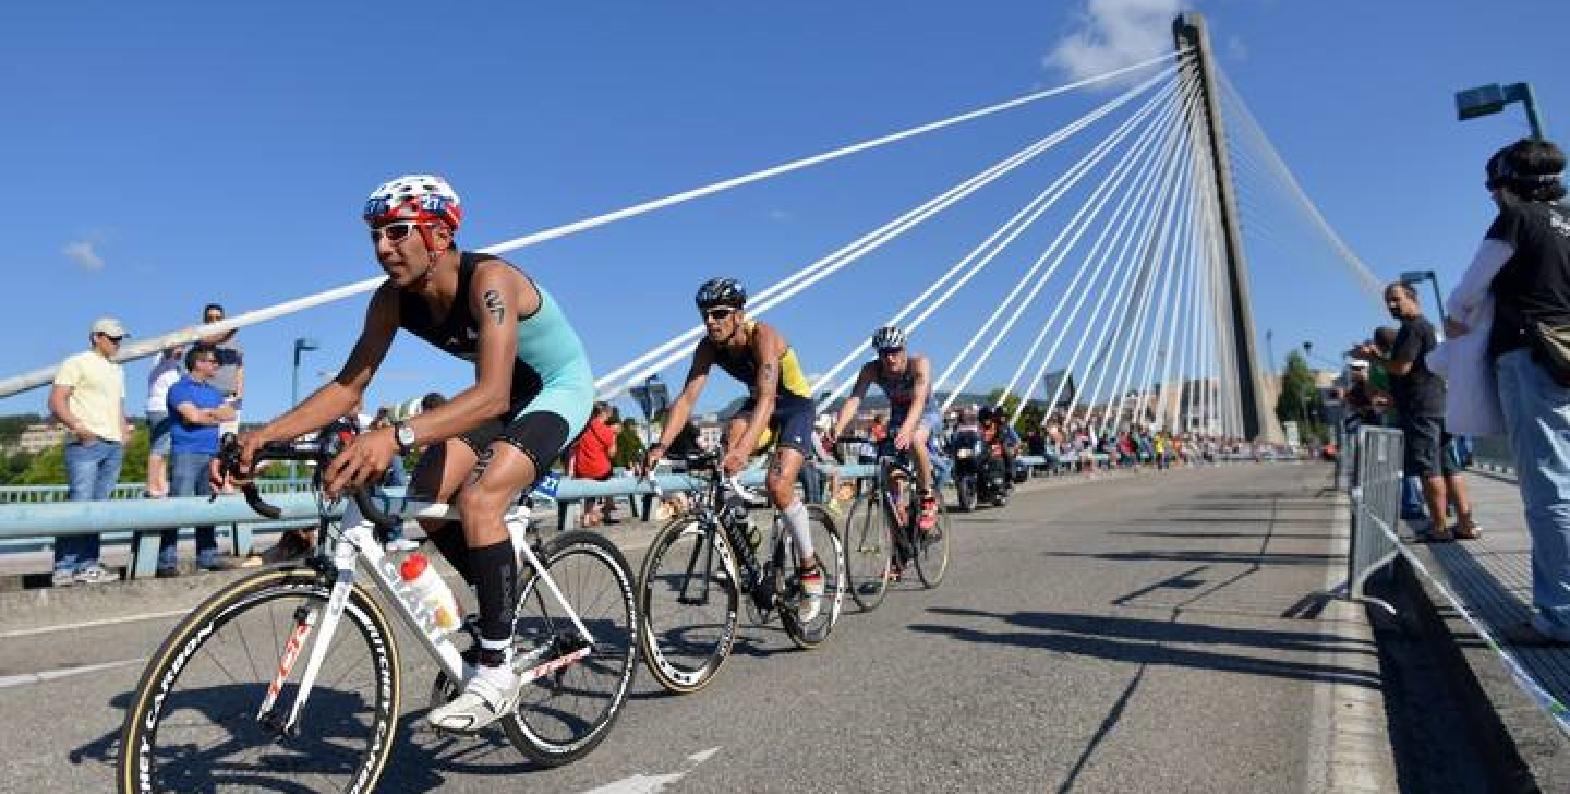 Campeonato Mundo Triatlon Pontevedra